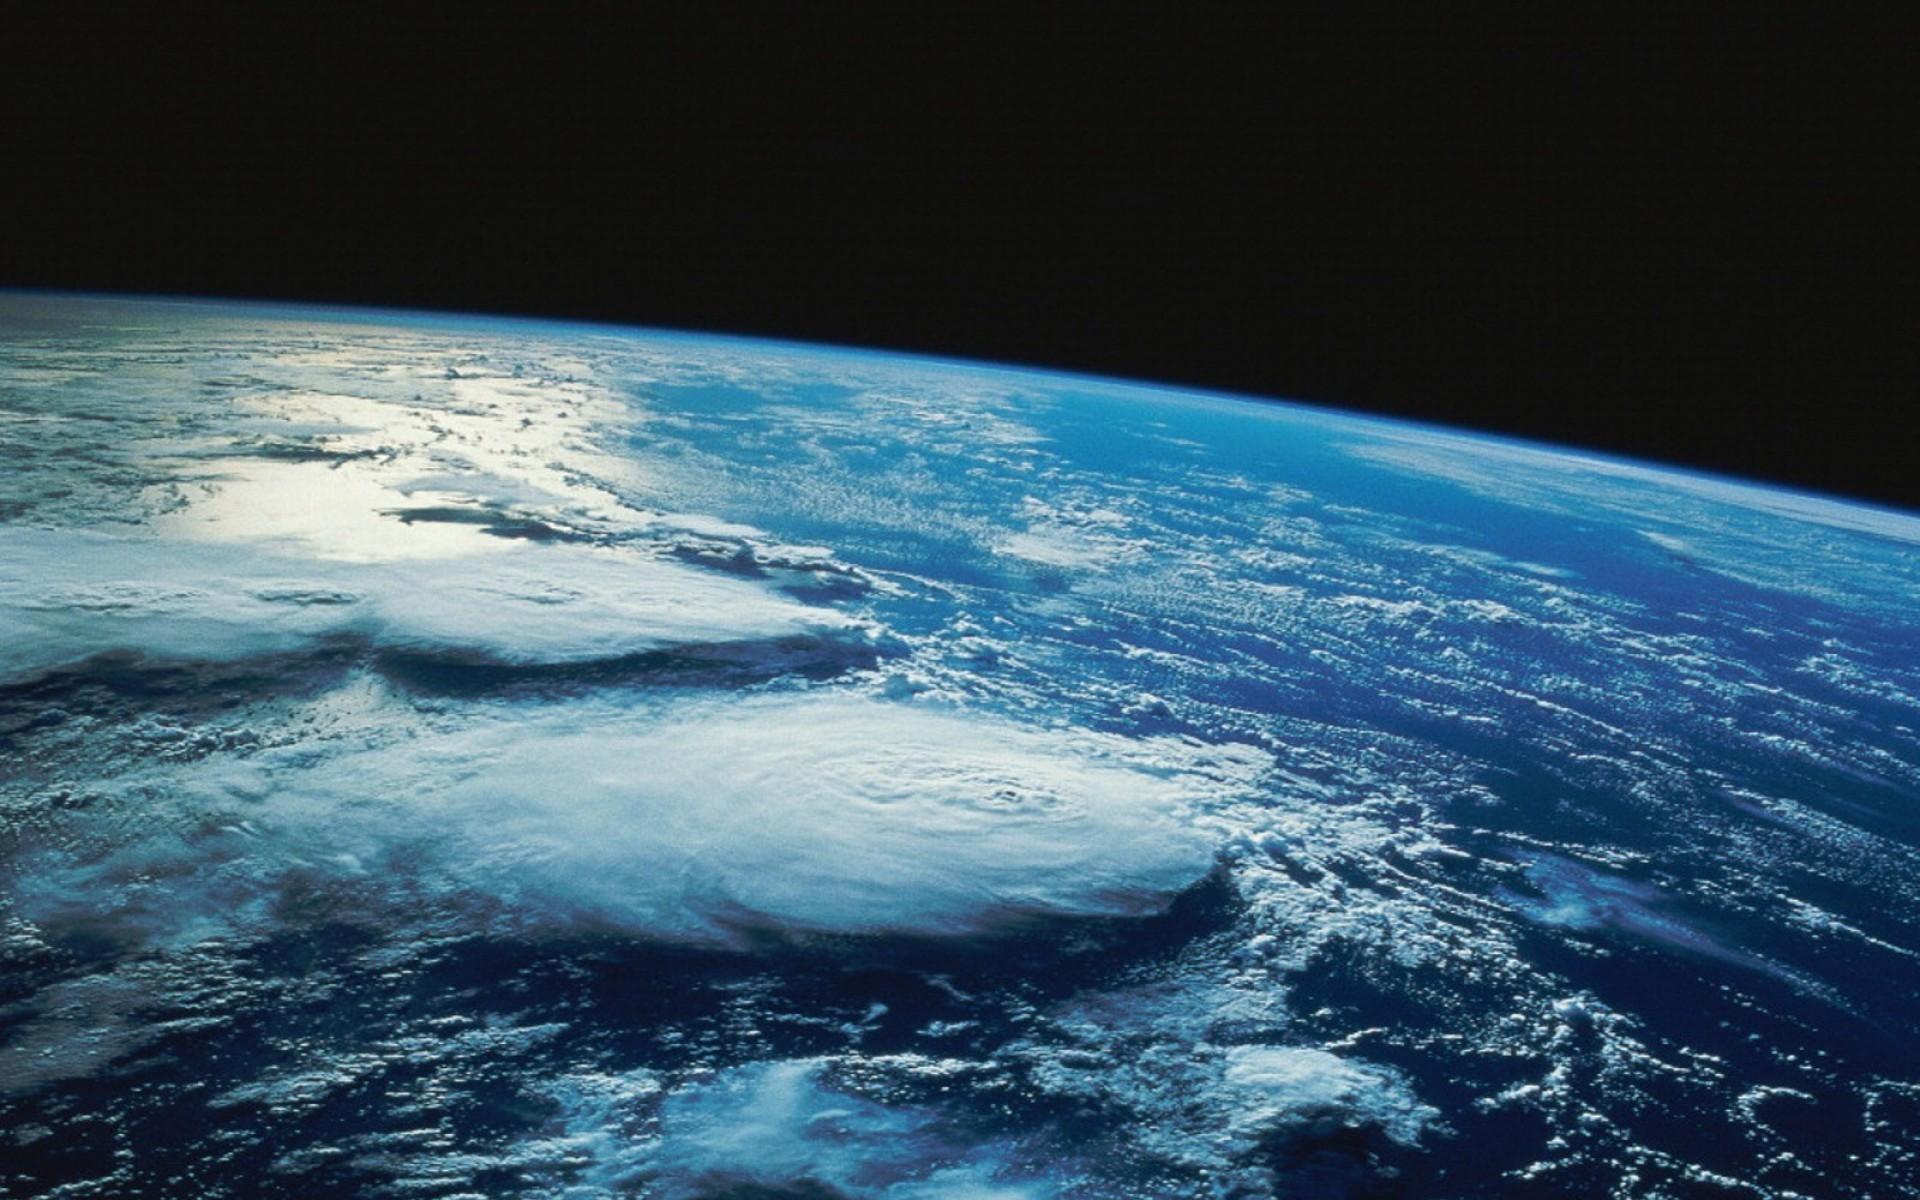 задержана, фотографии земли из космоса высокого разрешения поколения поколение